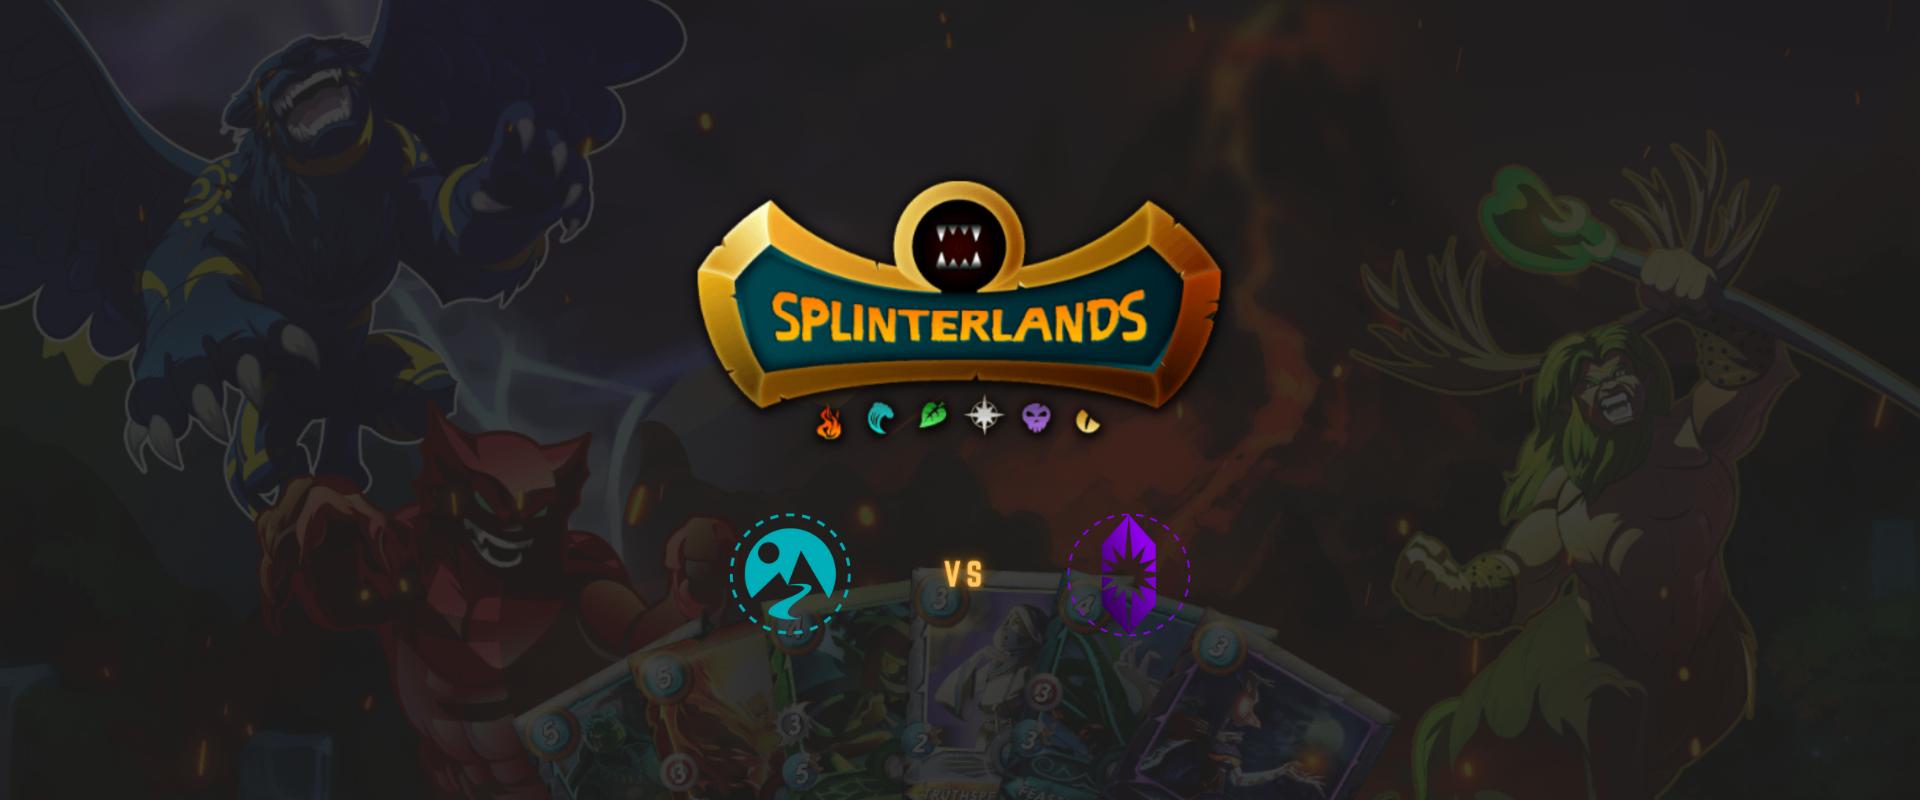 Splinterlands DEC vs PLOT.png